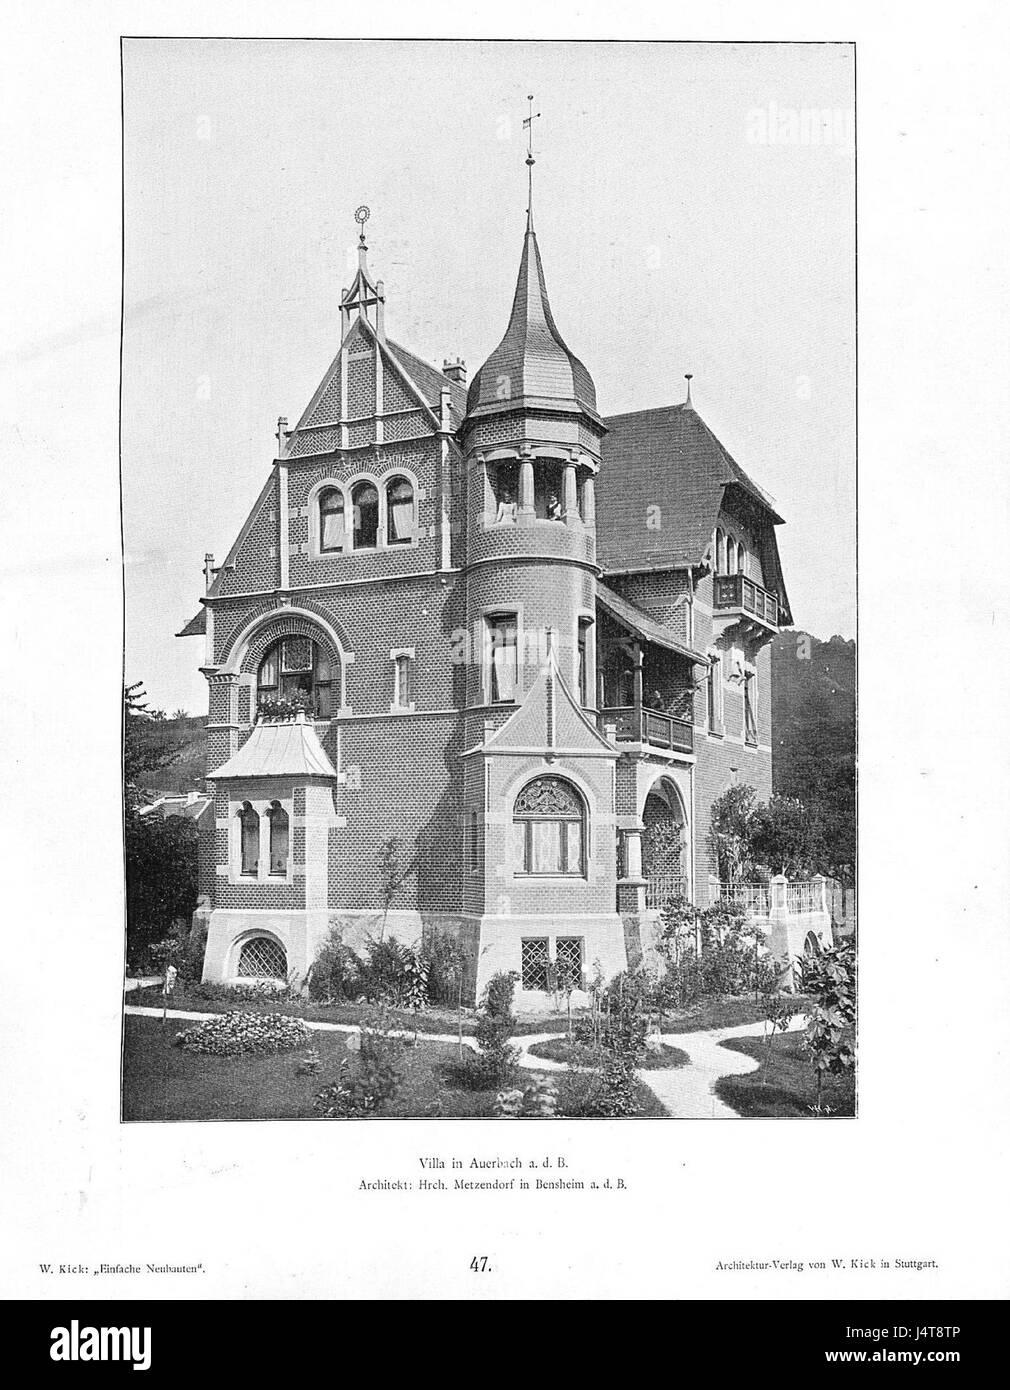 Architekt Bensheim wilhelm kick, einfache neubauten, stuttgart 1890, villa in auerbach